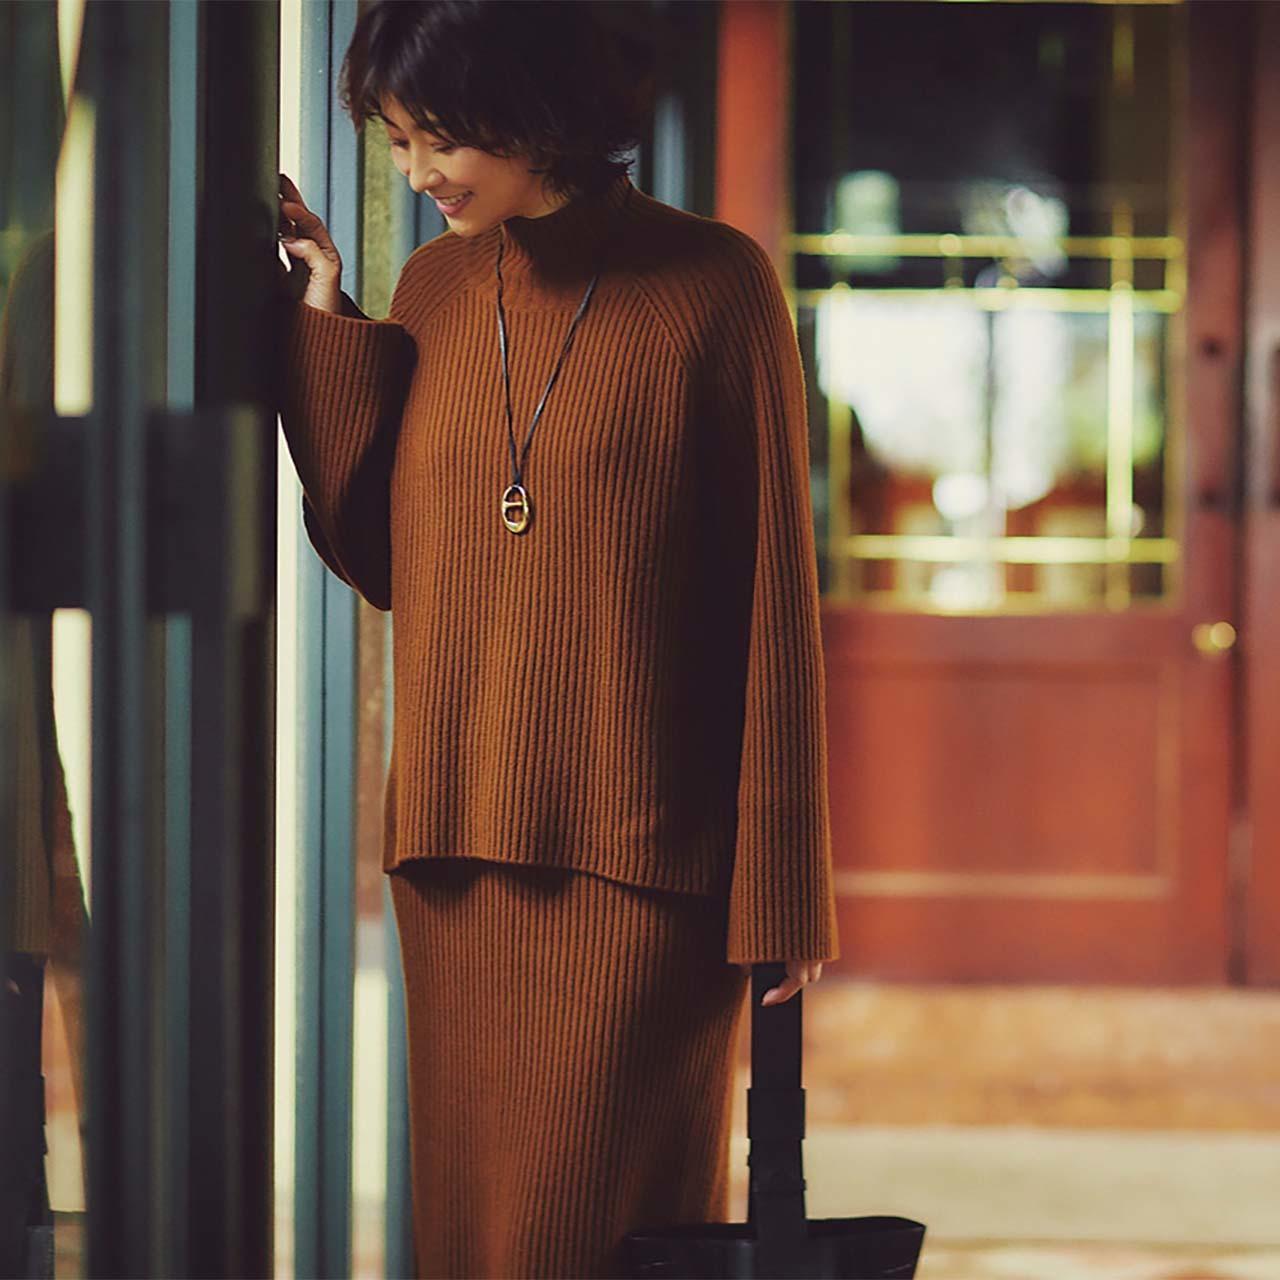 バルキーニット×ロングスカートのセットアップ×ロングネックレスコーデを着たモデルの五明祐子さん